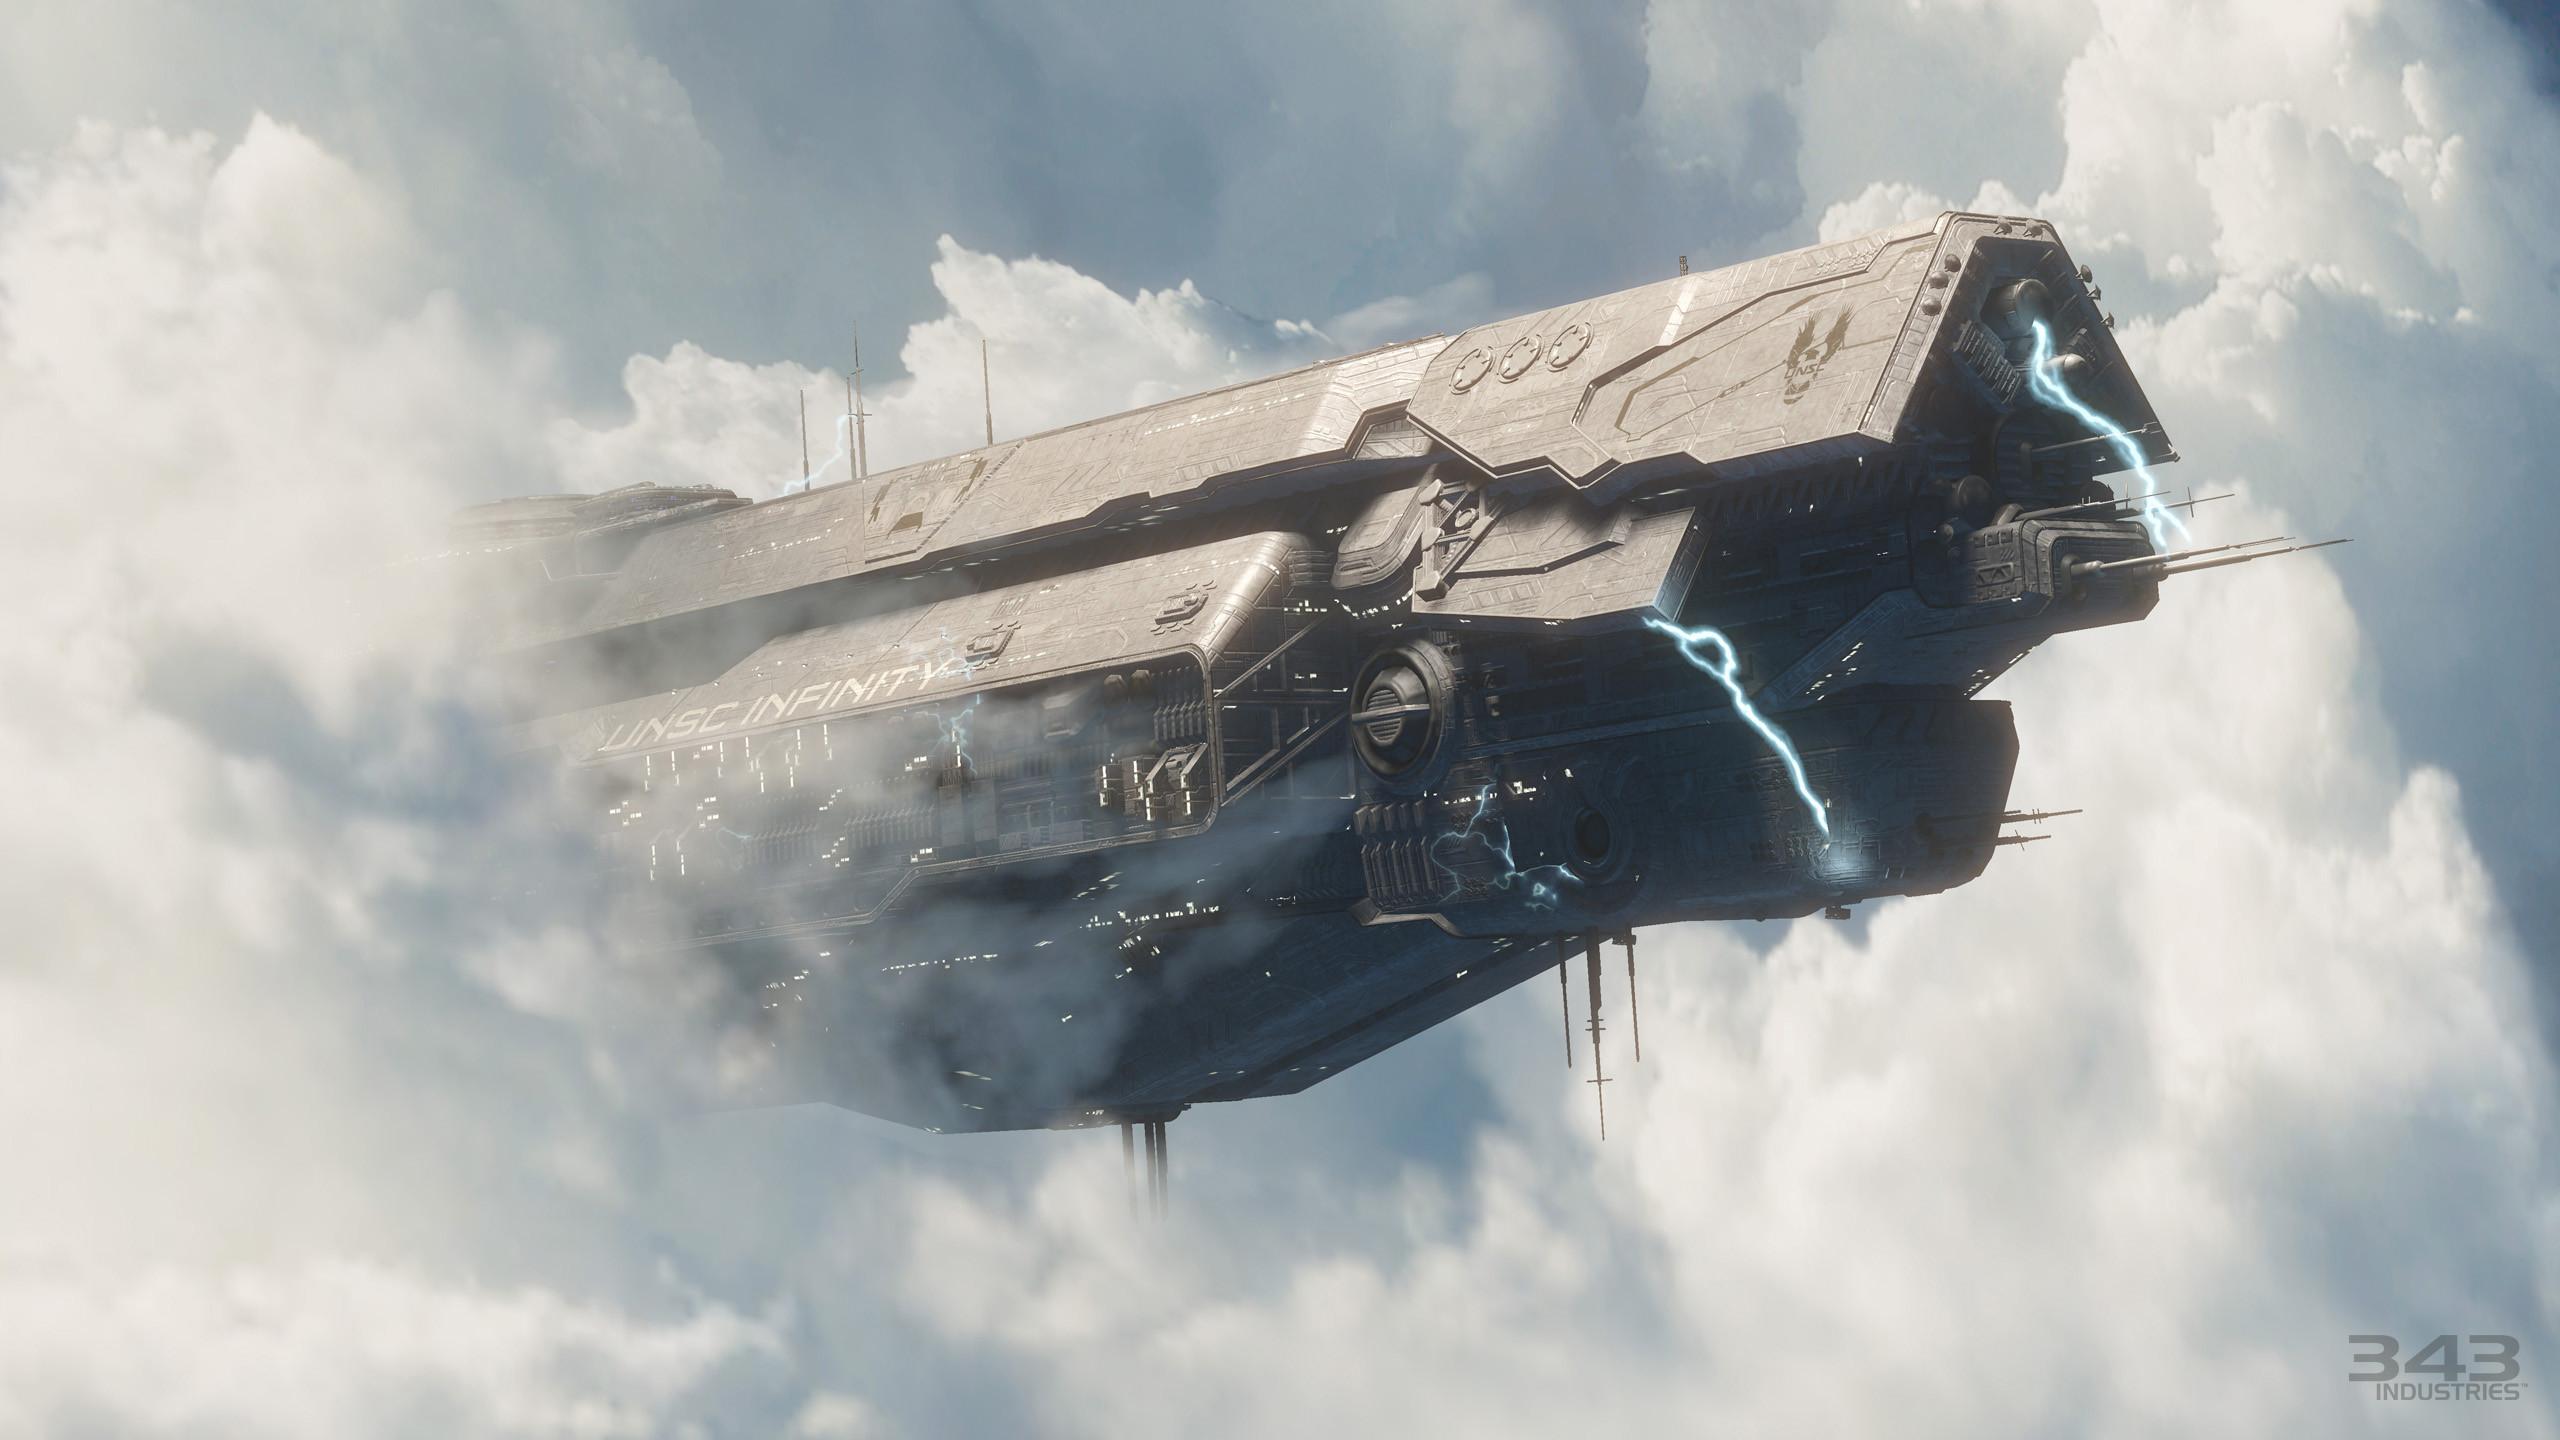 Video Game – Halo Sci Fi Ship Master Chief Halo 4 Wallpaper